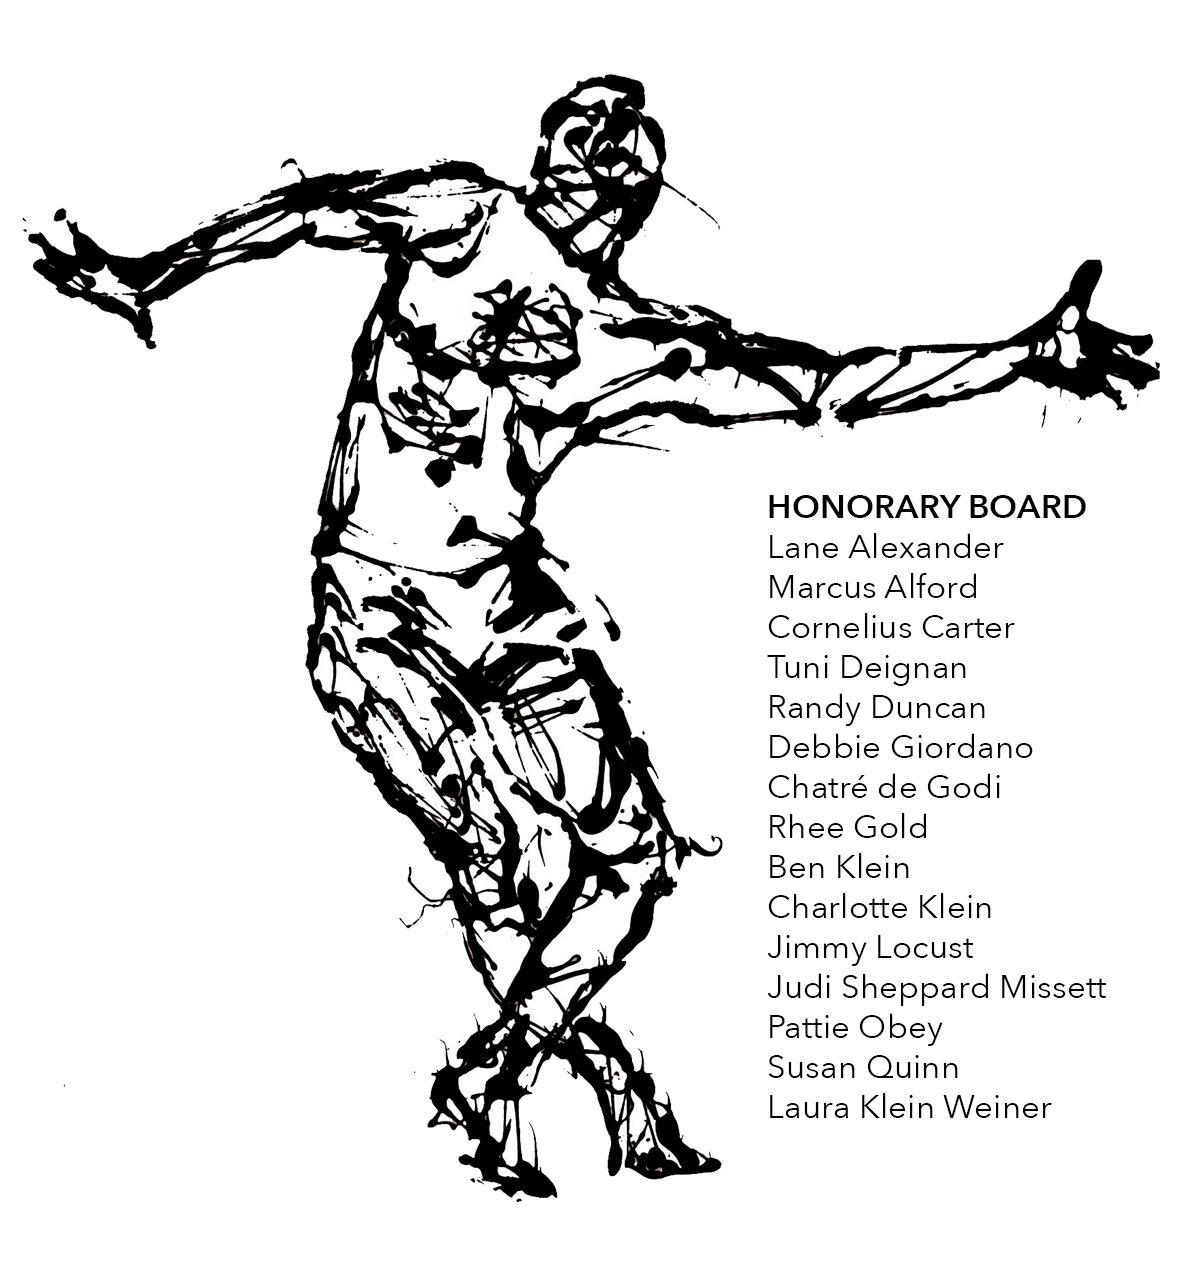 Gus Giordano Dance Legacy Foundation